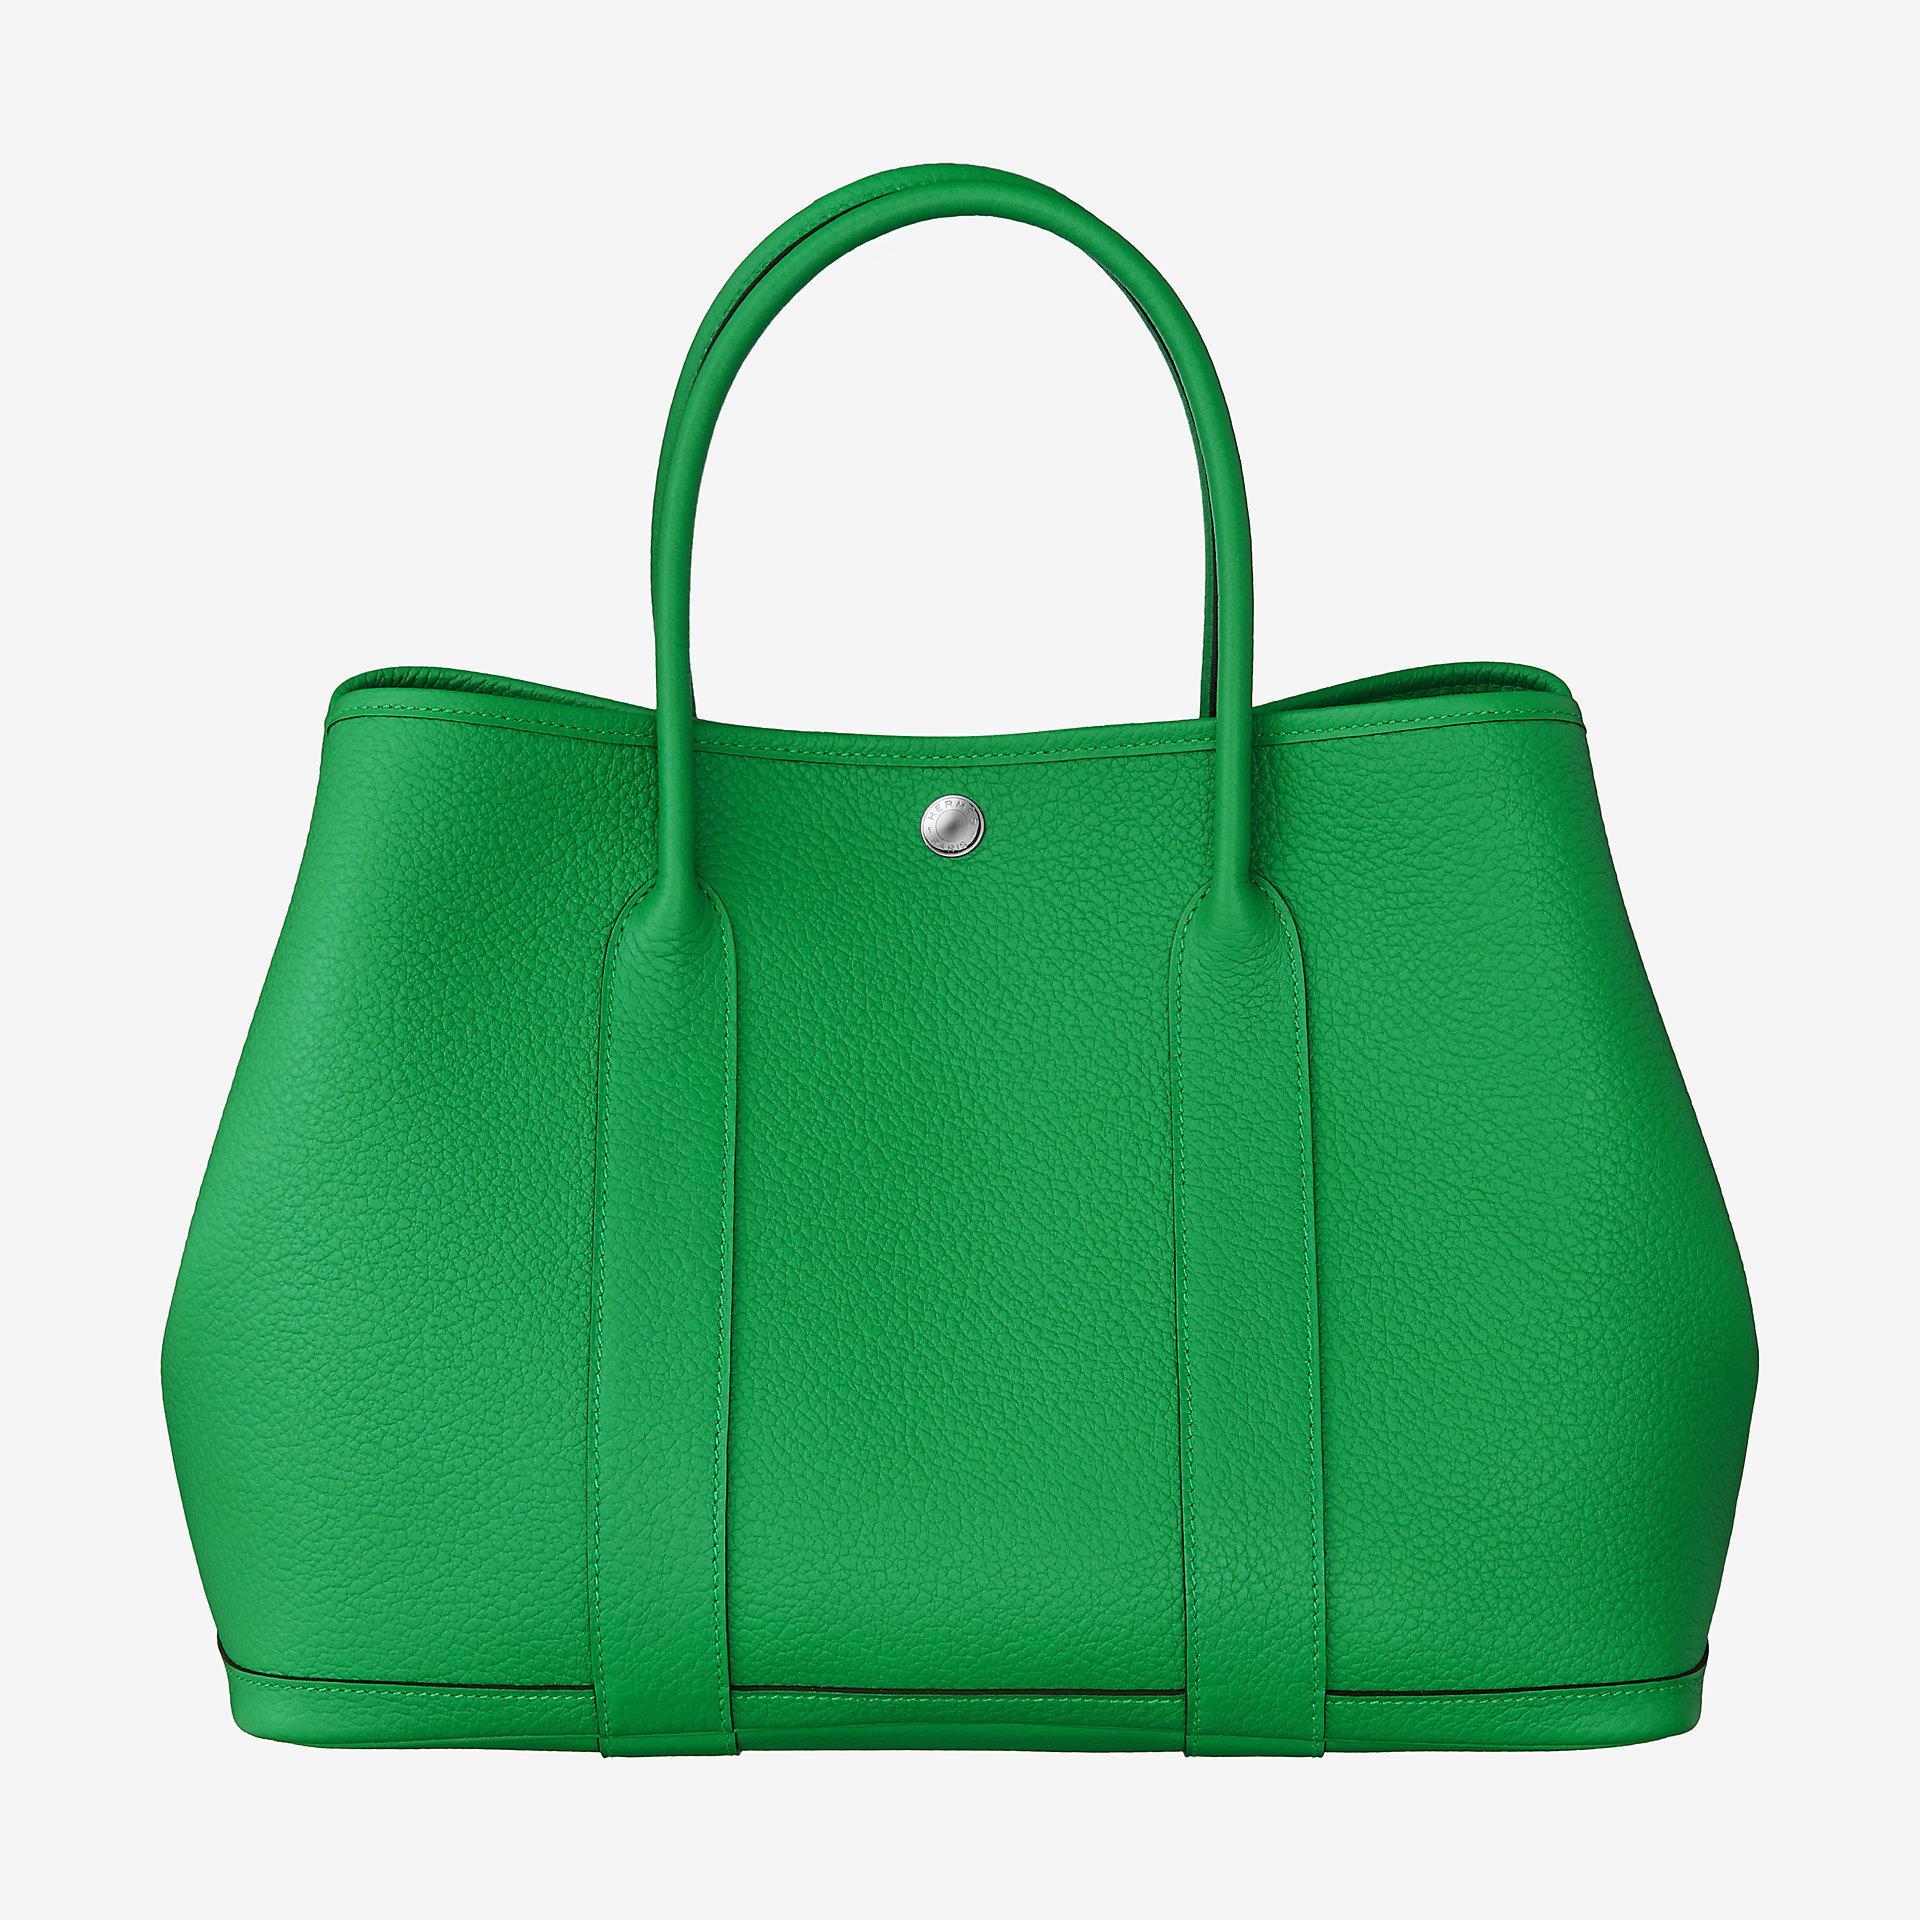 爱马仕最质朴的包袋空中花园Hermes Garden Praty 尺寸价格大全